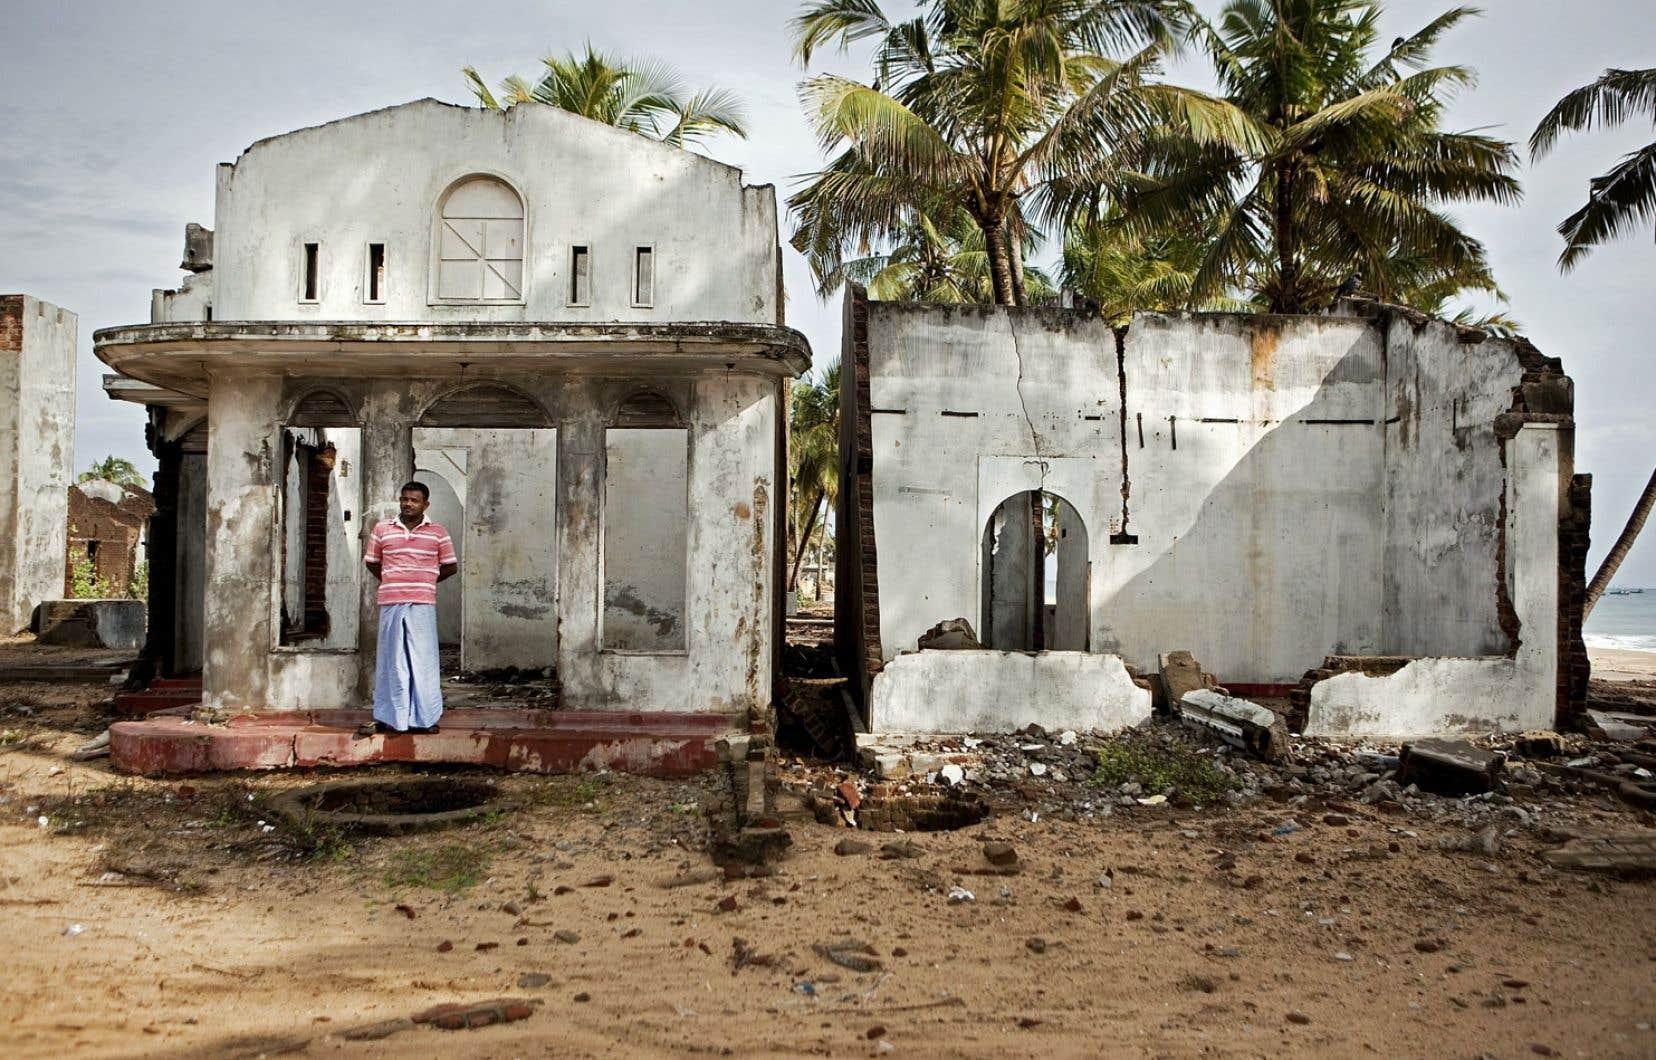 Chez l'humain, ce sont surtout les régions où vivent les plus démunis qui subiront de plein fouet les effets des bouleversements climatiques. Des citoyens qui ne sont pourtant pas responsables de l'essentiel du phénomène. Sur notre photo, les ruines à Kalmunai, au Sri Lanka, en 2009.